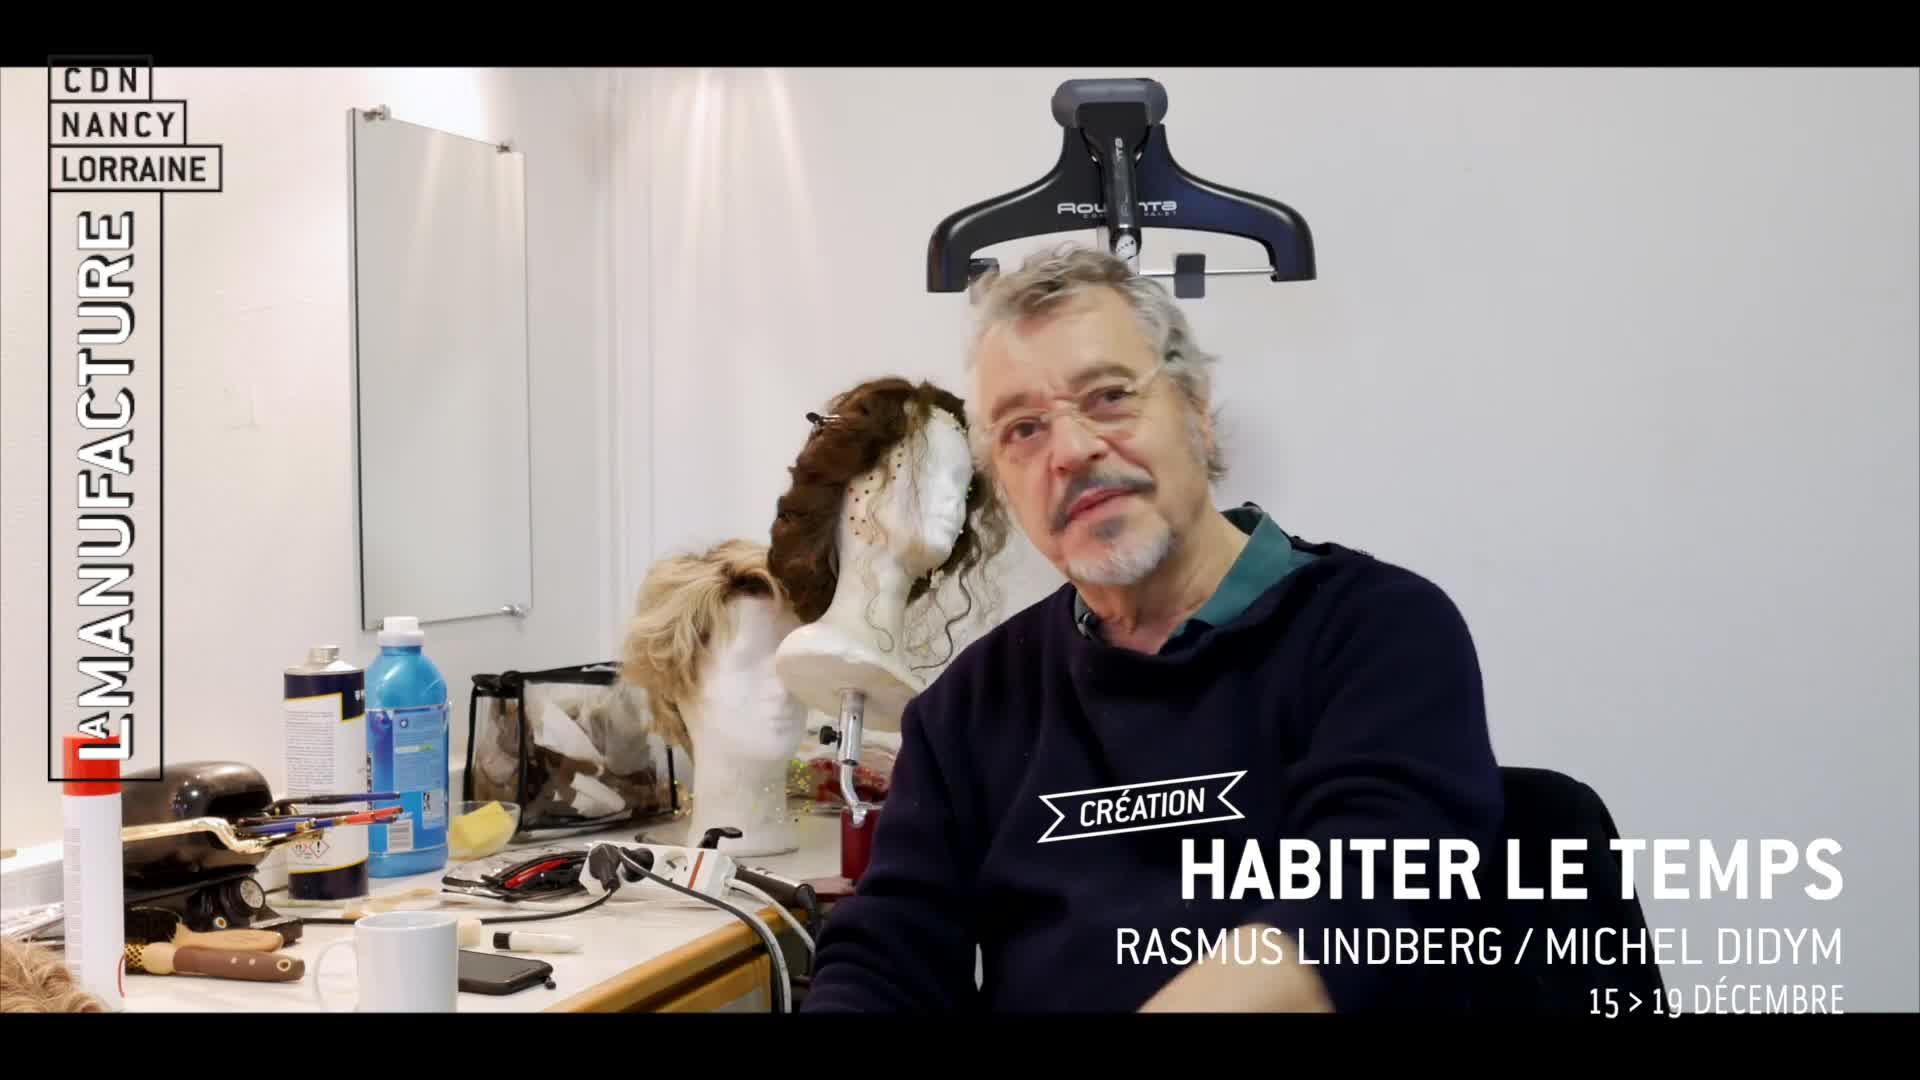 """Vidéo """"Habiter le temps"""" - Rasmus Lindberg/Michel Didym - Carnet de création #3"""